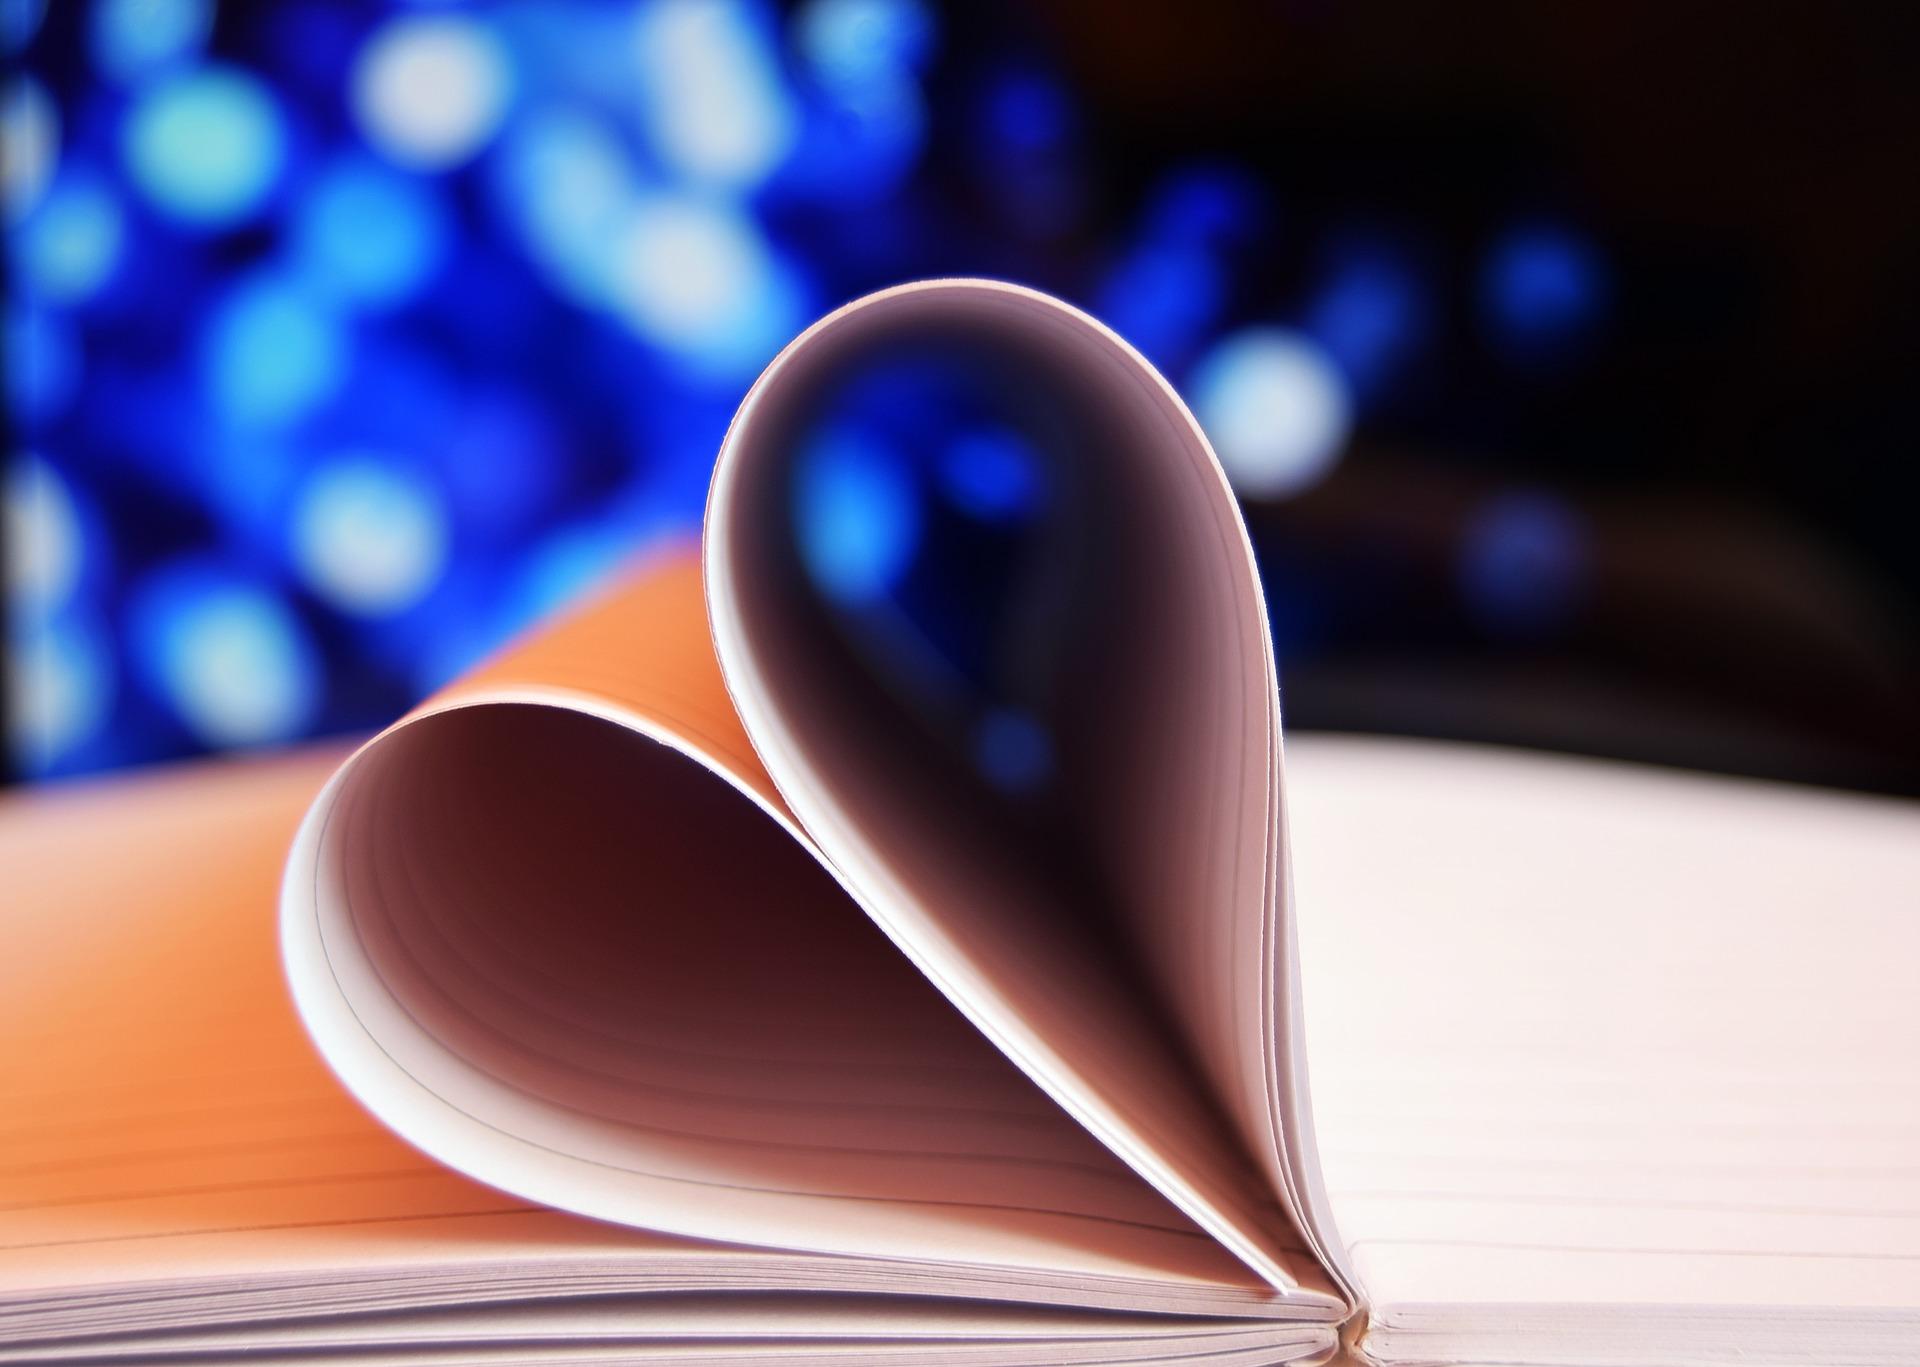 Miłość opisana słowami – kiedy sięgamy po cytaty?  Jakie słowa wyrażą uczucia? Słowa erudytów, literatów, cierpiących i szalonych z miłości